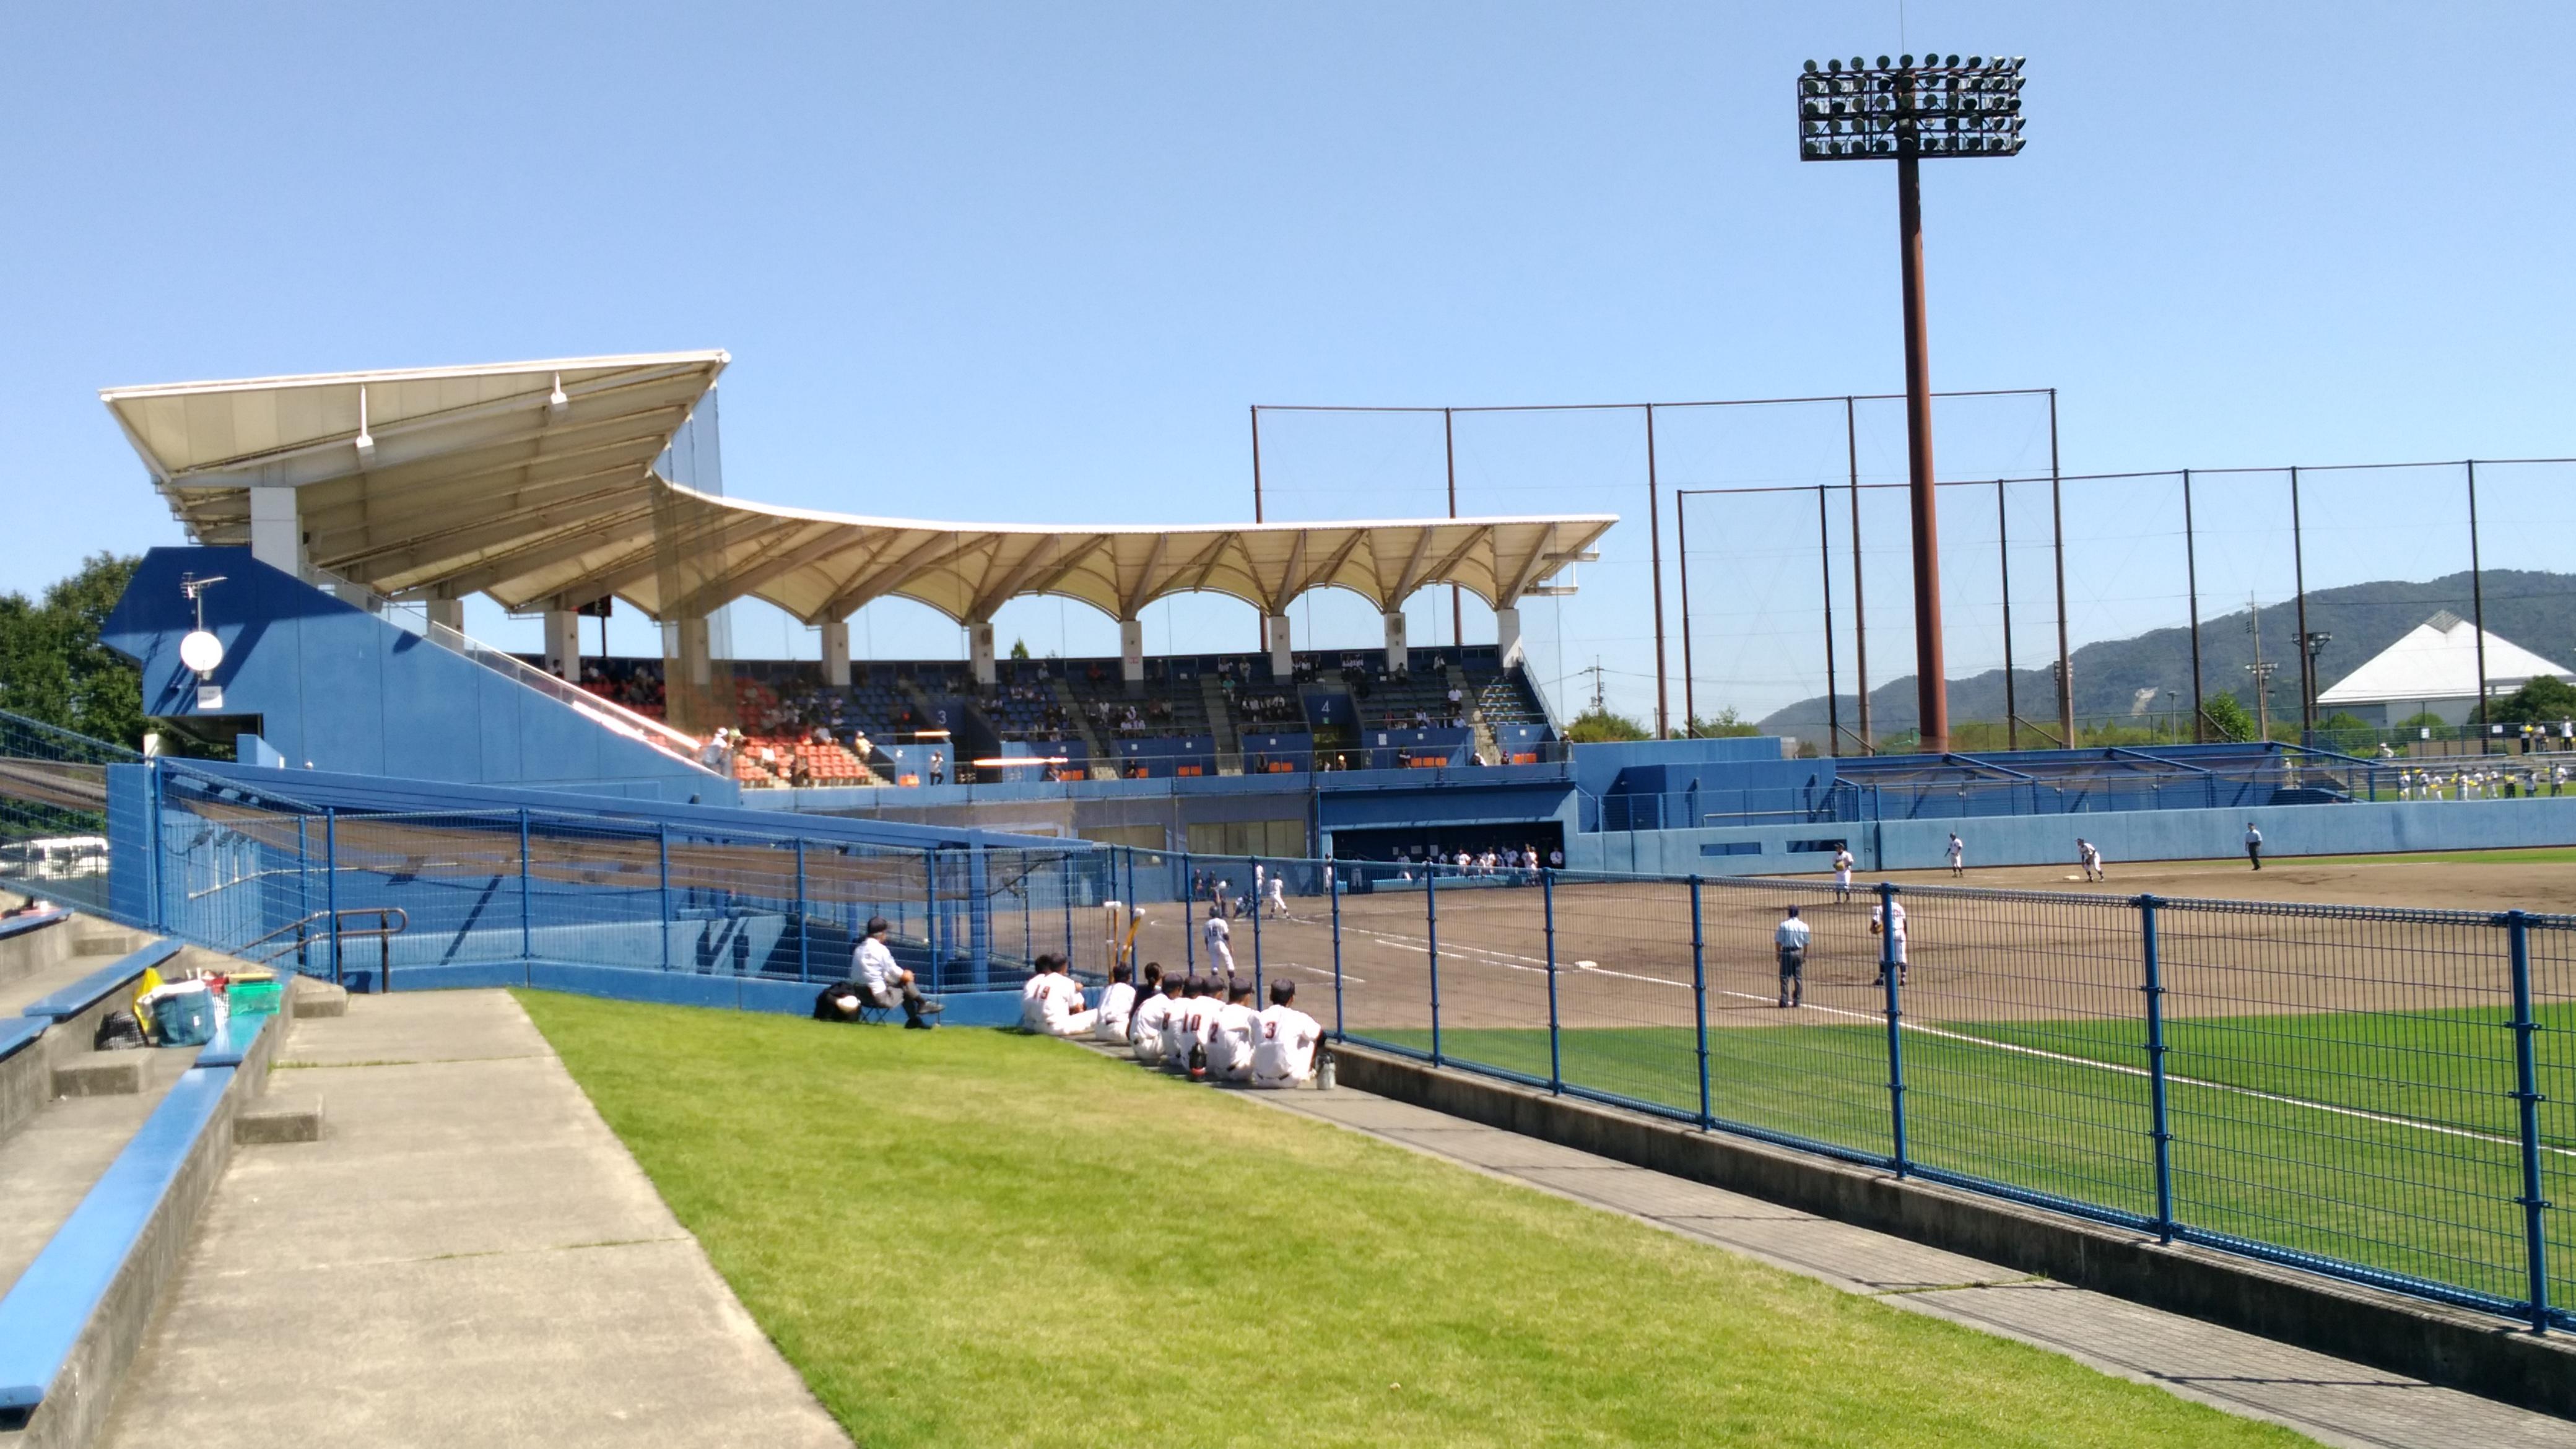 広~い【東広島運動公園】の「東広島アクアスタジアム」で開催された「秋の高校野球」広島県大会を観に行きました!